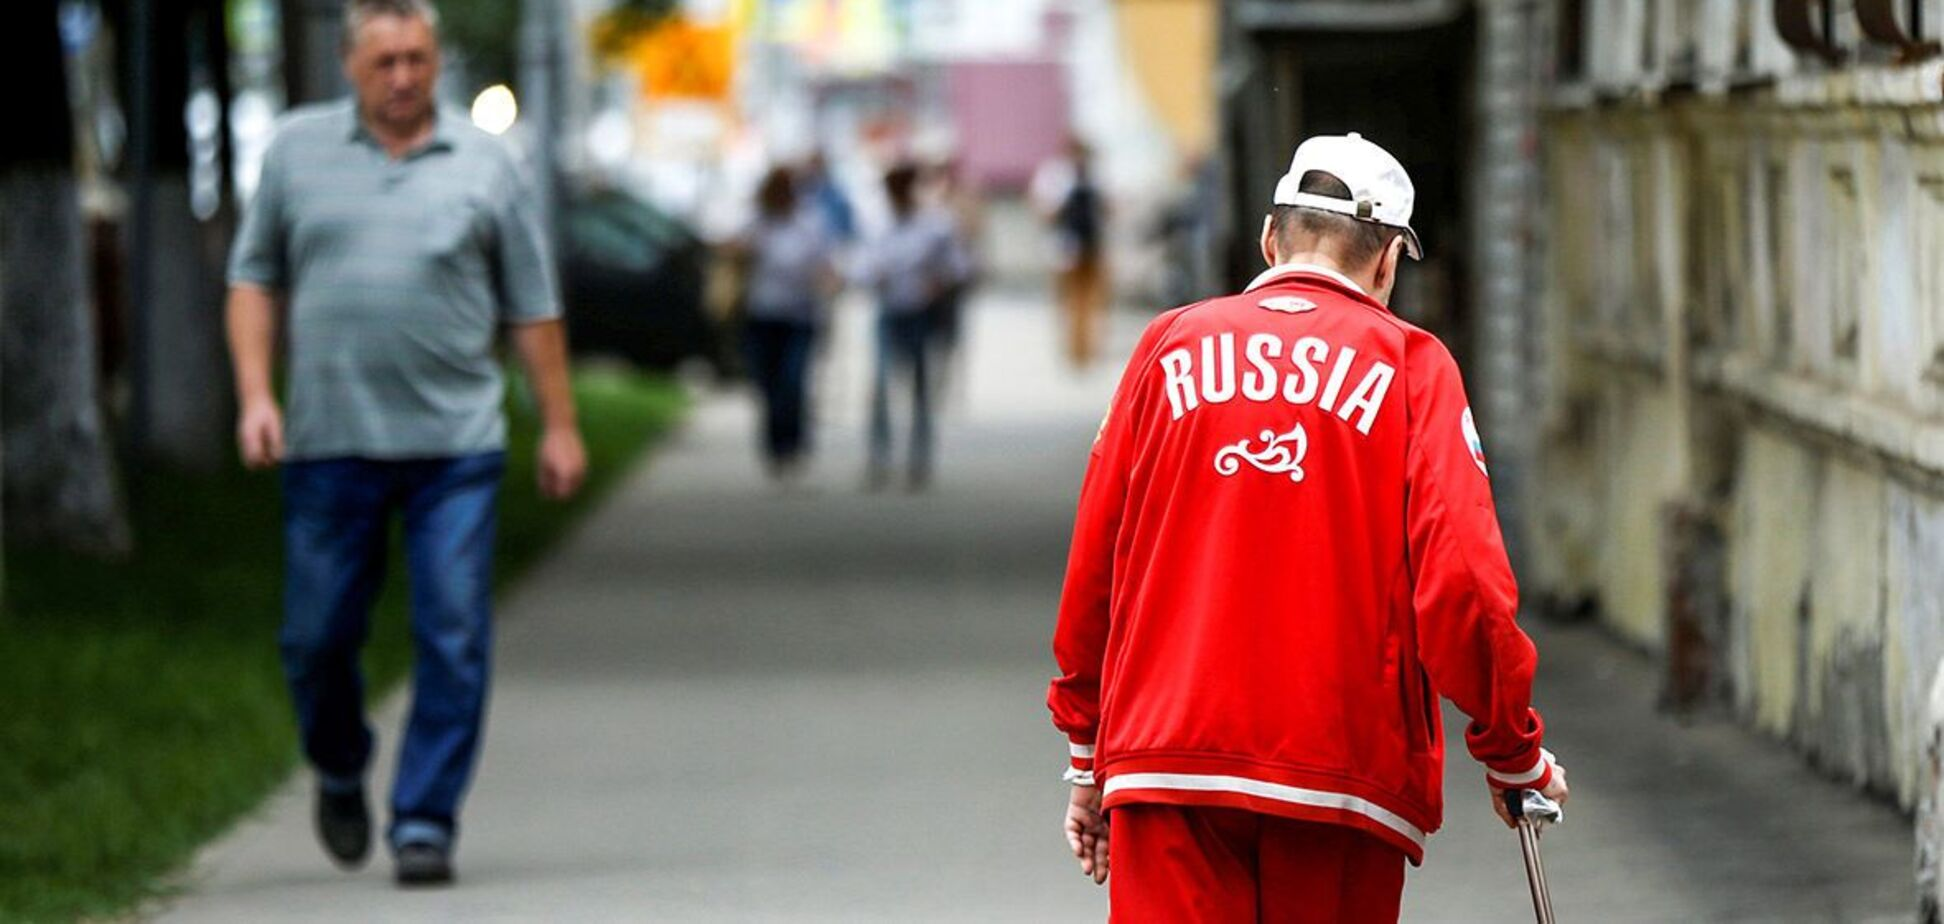 Росіяни збідніли швидше, ніж українці – доповідь швейцарського банку